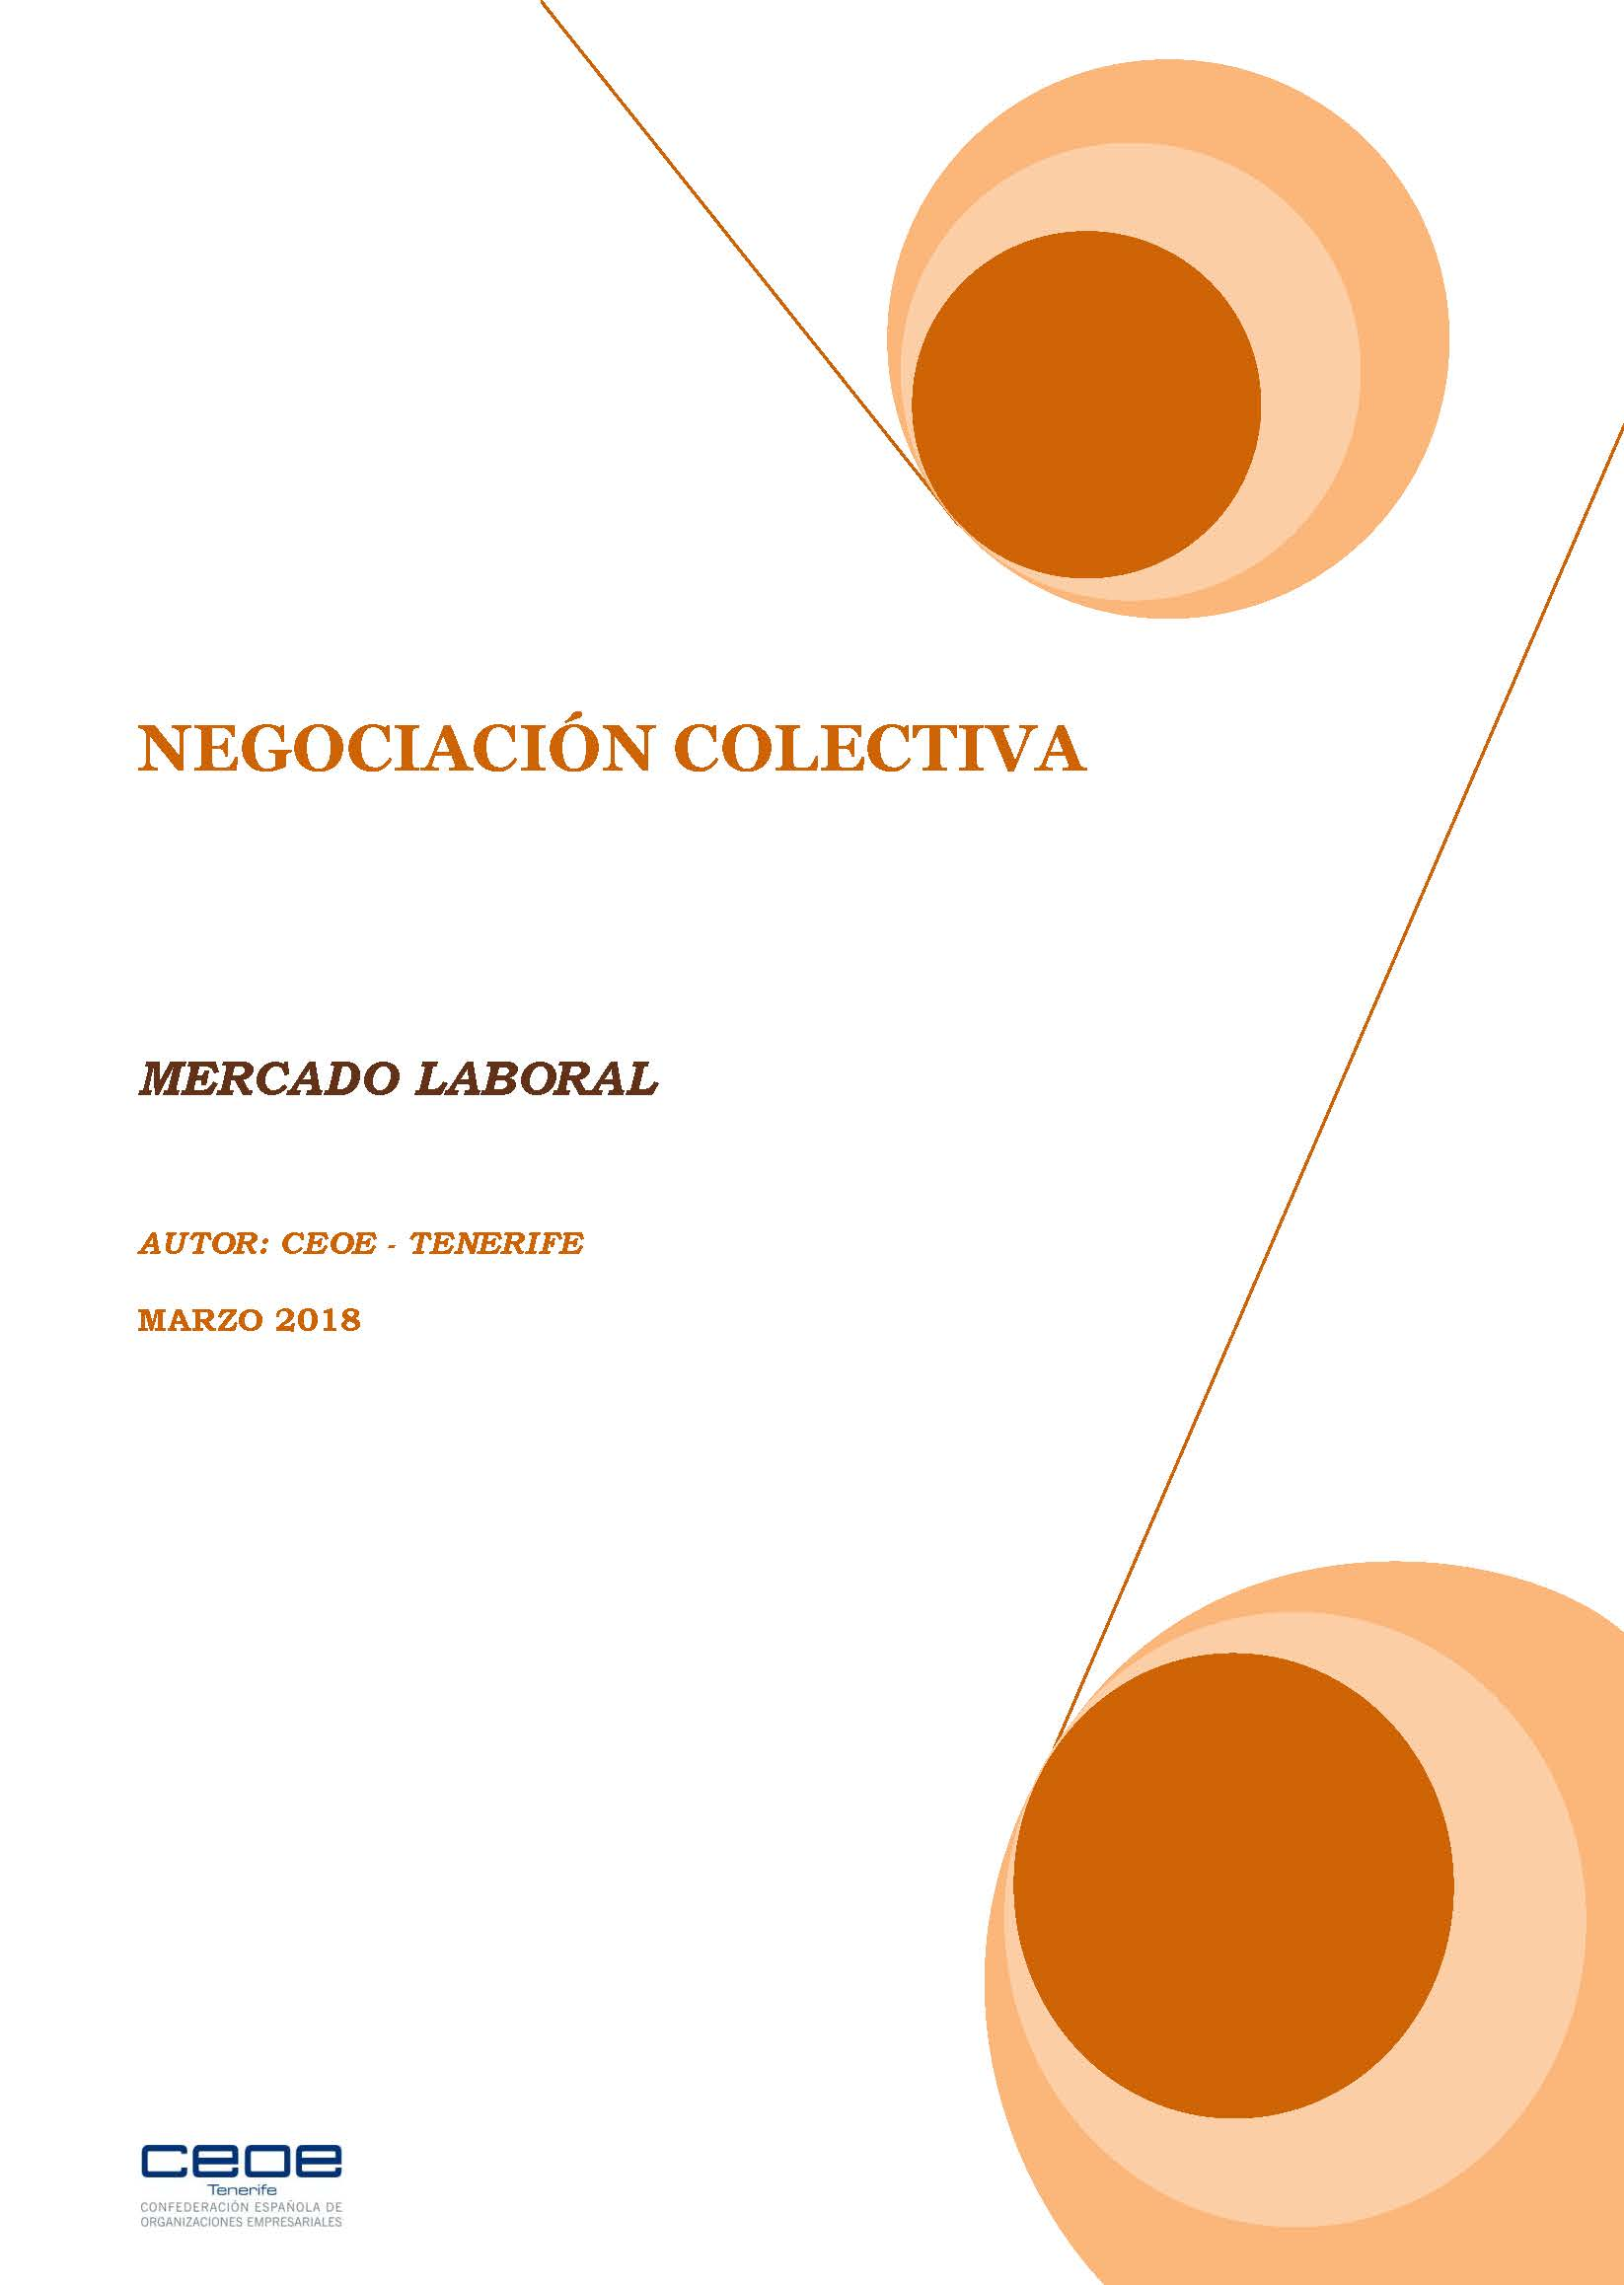 MERCADO LABORAL - NEGOCIACION COLECTIVA MARZO 2018